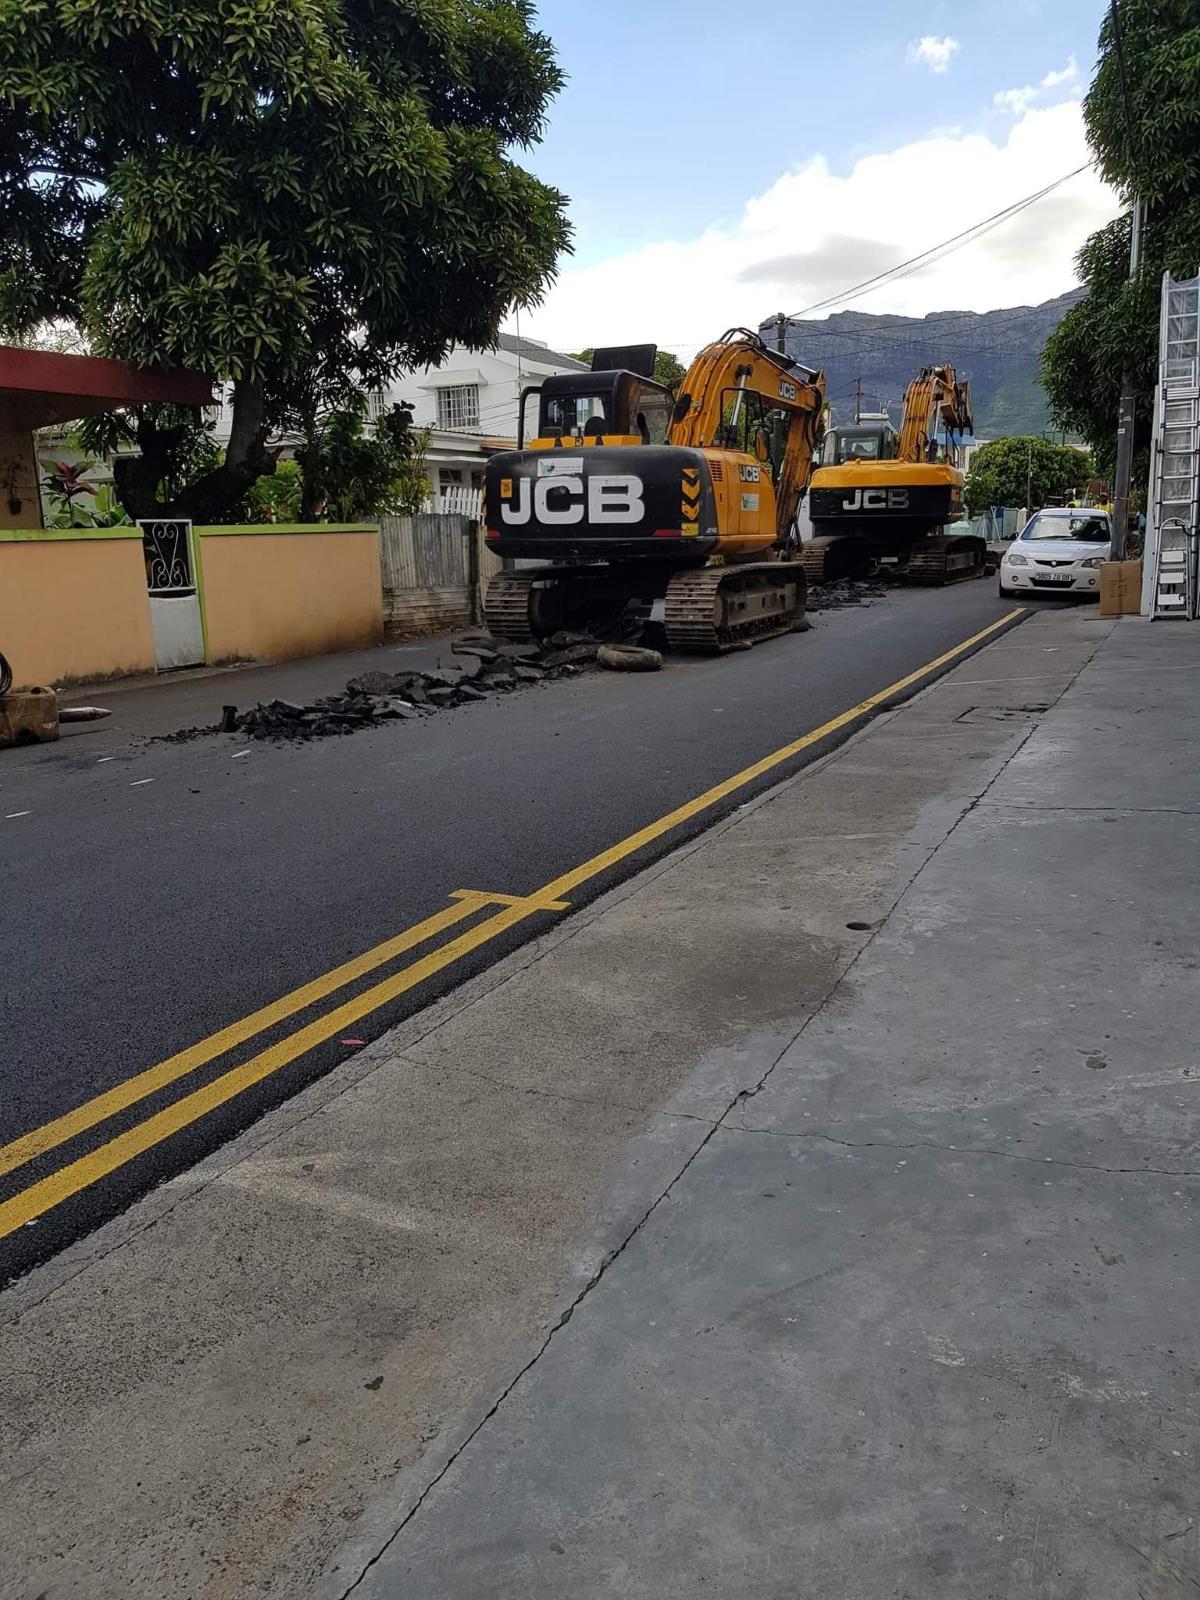 Rose-Hill : A peine la route asphaltée, ils creusent des trous !